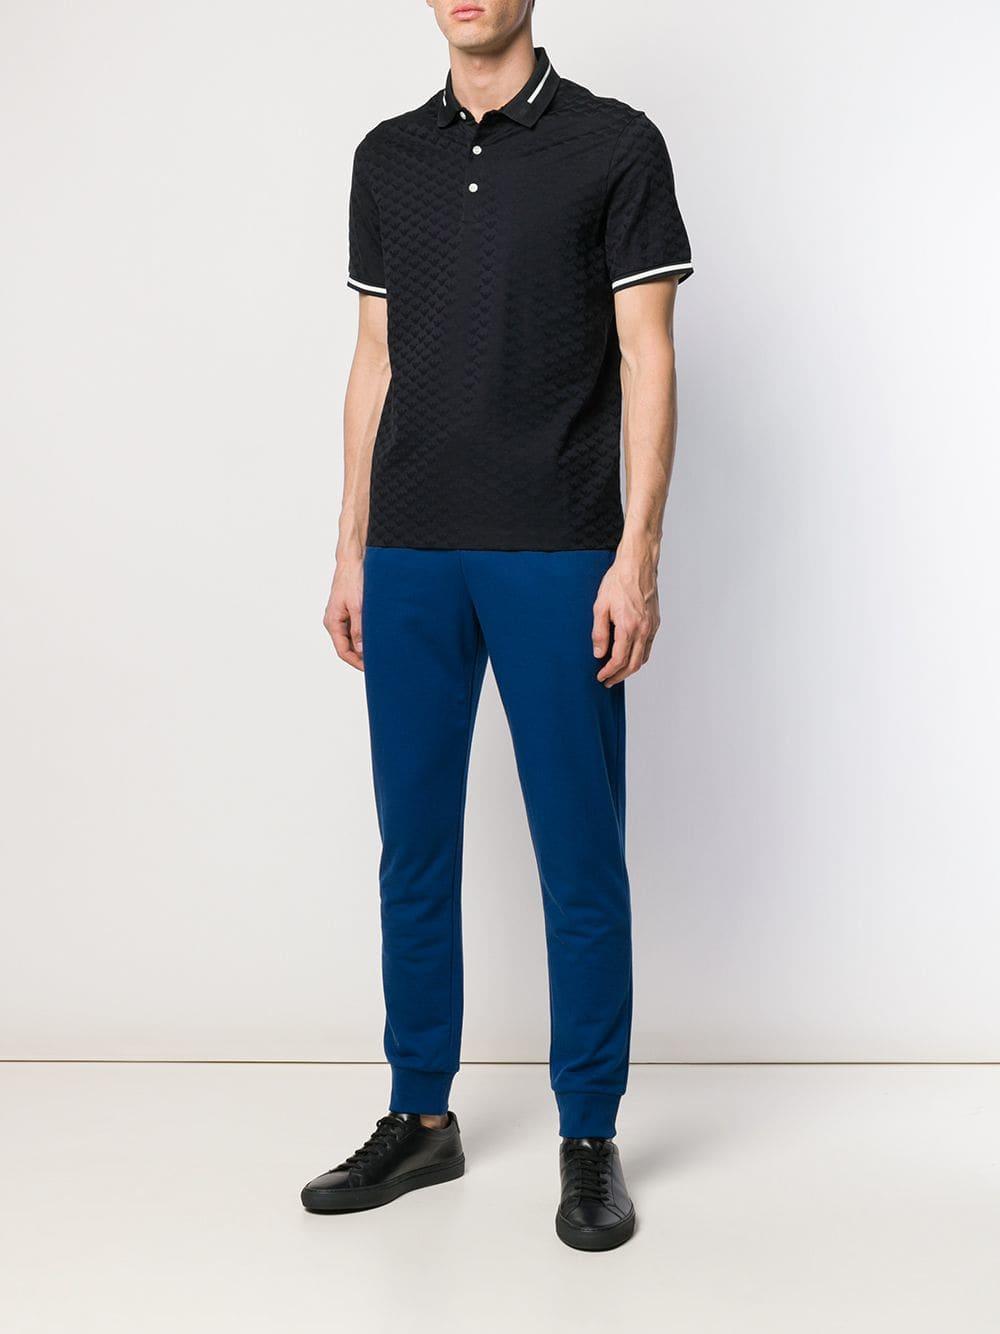 2c4a79e0682d8 Emporio Armani Textured Logo Polo Shirt in Blue for Men - Lyst